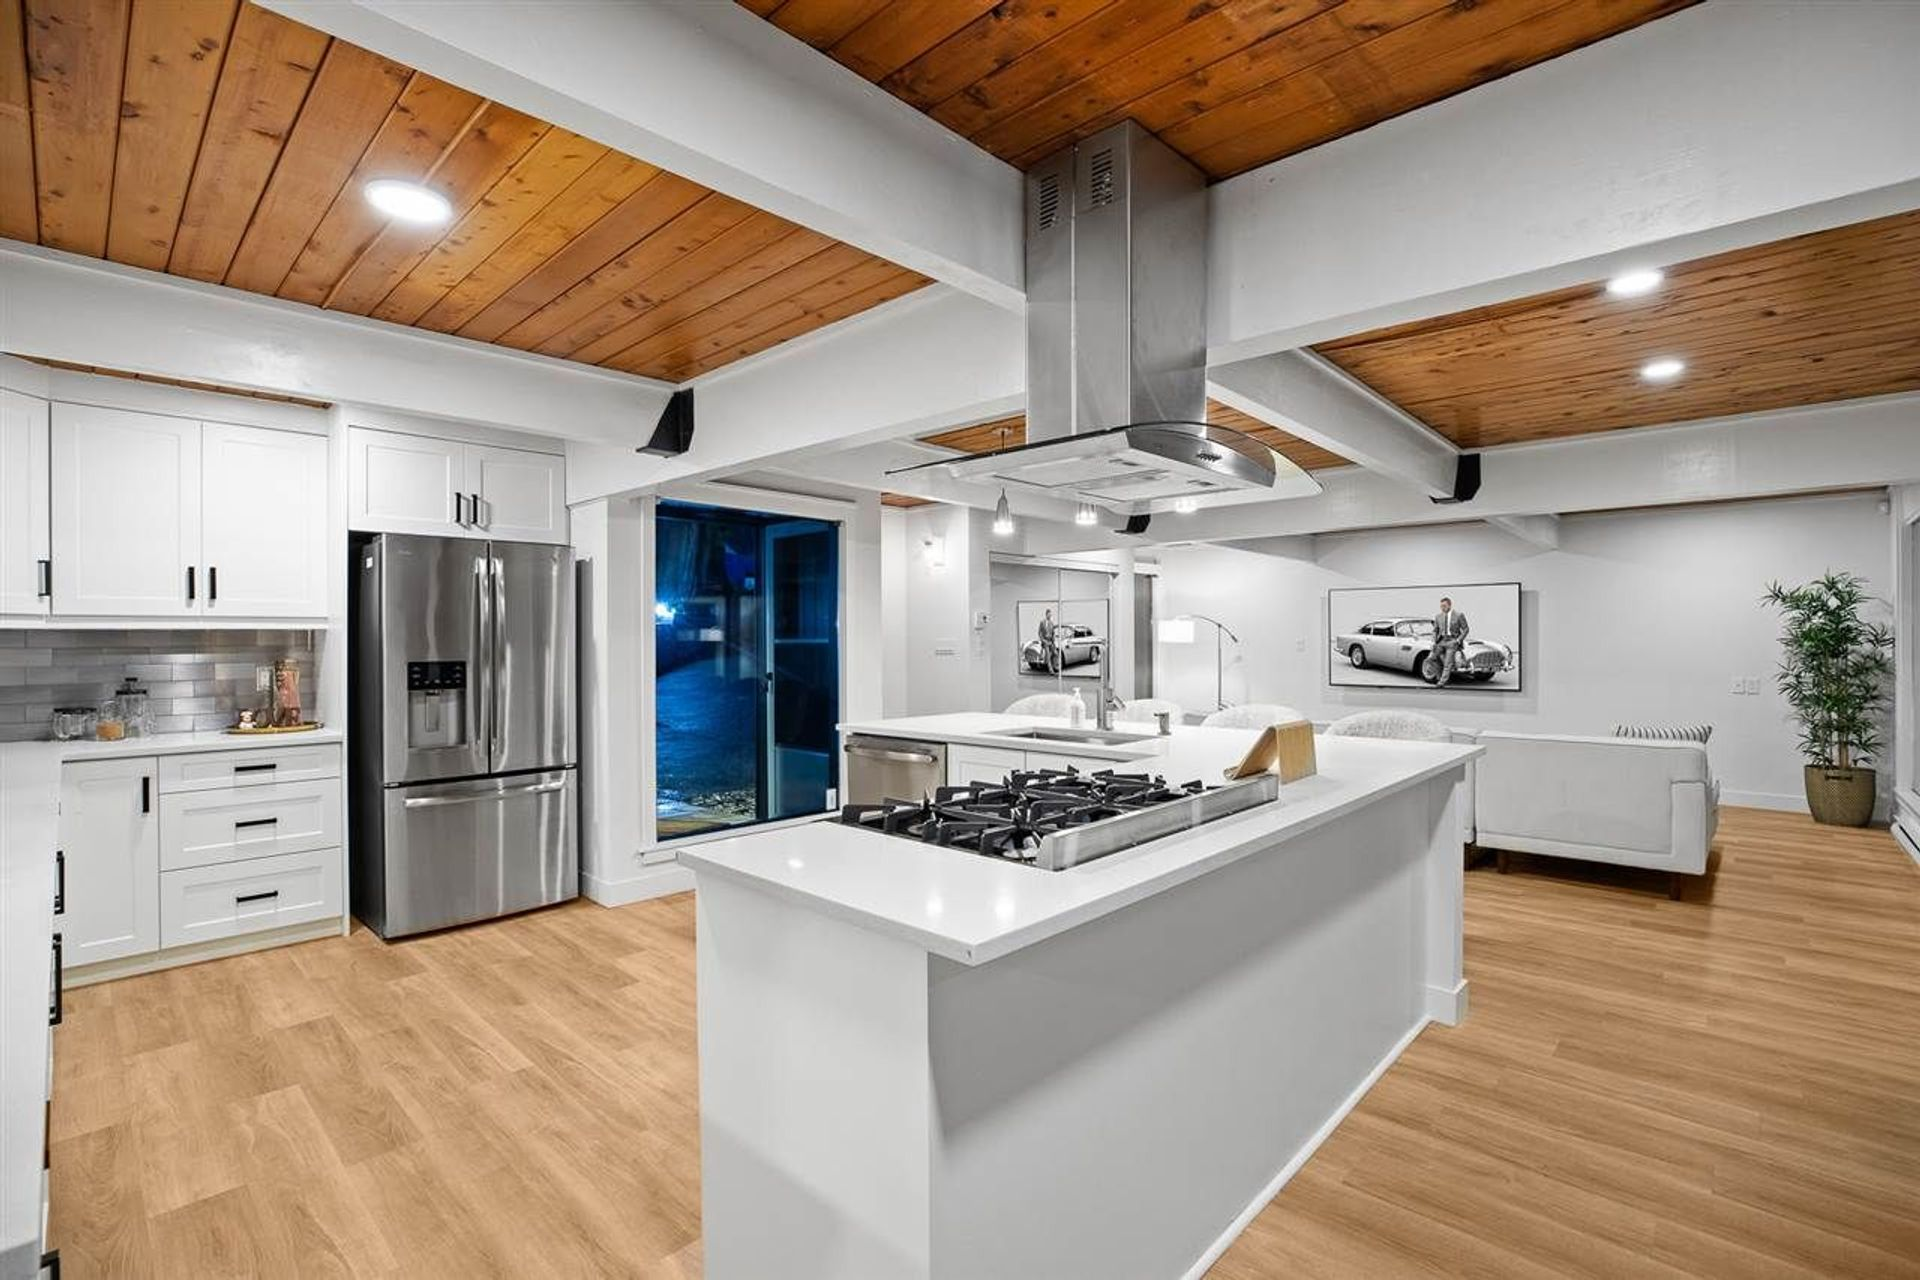 530-hadden-drive-british-properties-west-vancouver-08 at 530 Hadden Drive, British Properties, West Vancouver